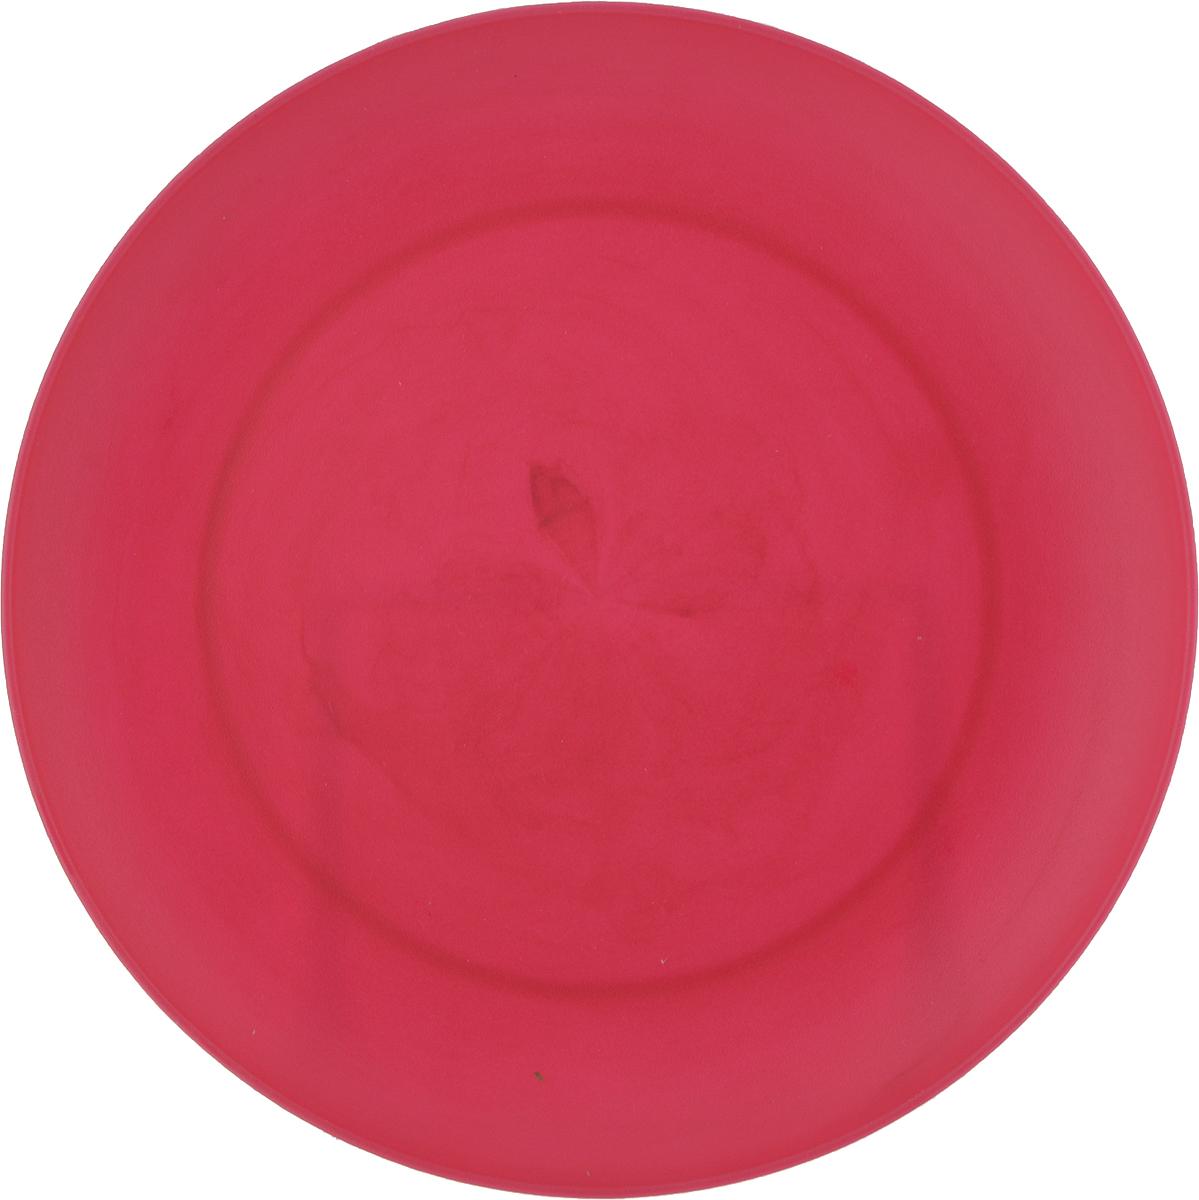 Тарелка Gotoff, цвет: малиновый, диаметр 20,3 см628-026Тарелка Gotoff изготовлена из цветного пищевого полипропилена и предназначена дляхолодной и горячей пищи. Выдерживает температурный режим в пределах от -25°Сдо +110°C. Посуду из пластика можно использовать в микроволновой печи, но необходимо, чтобы нагрев непревышал максимально допустимую температуру.Удобная, легкая и практичная посуда дляпикника и дачи поможет сервировать стол без хлопот! Диаметр тарелки (по верхнему краю): 20,3 см.Высота тарелки: 2 см.